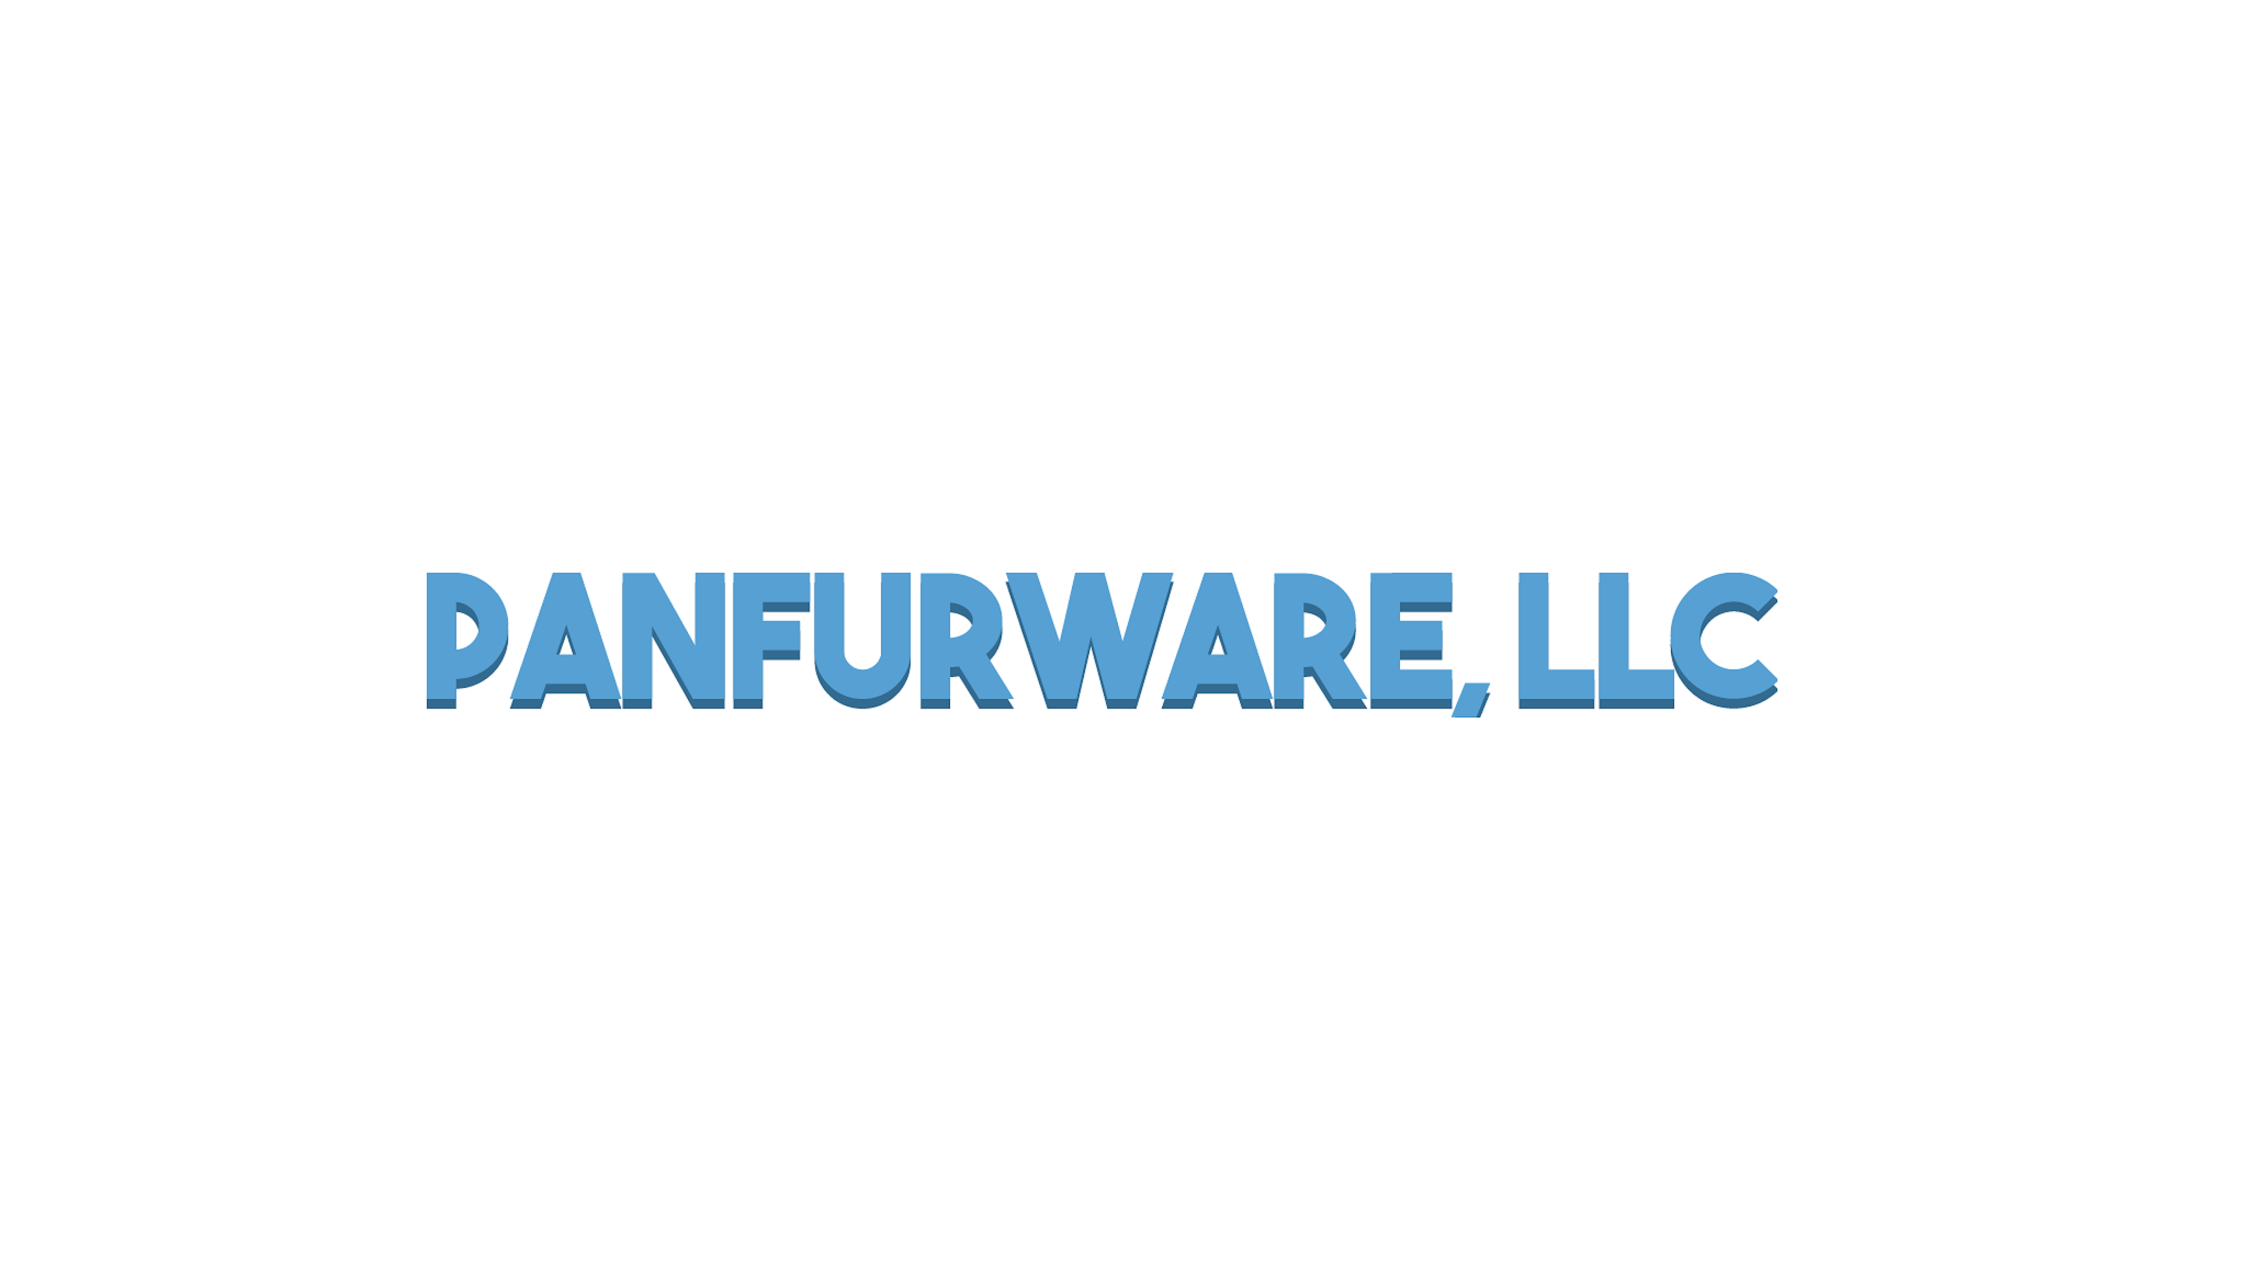 PanfurWare, LLC